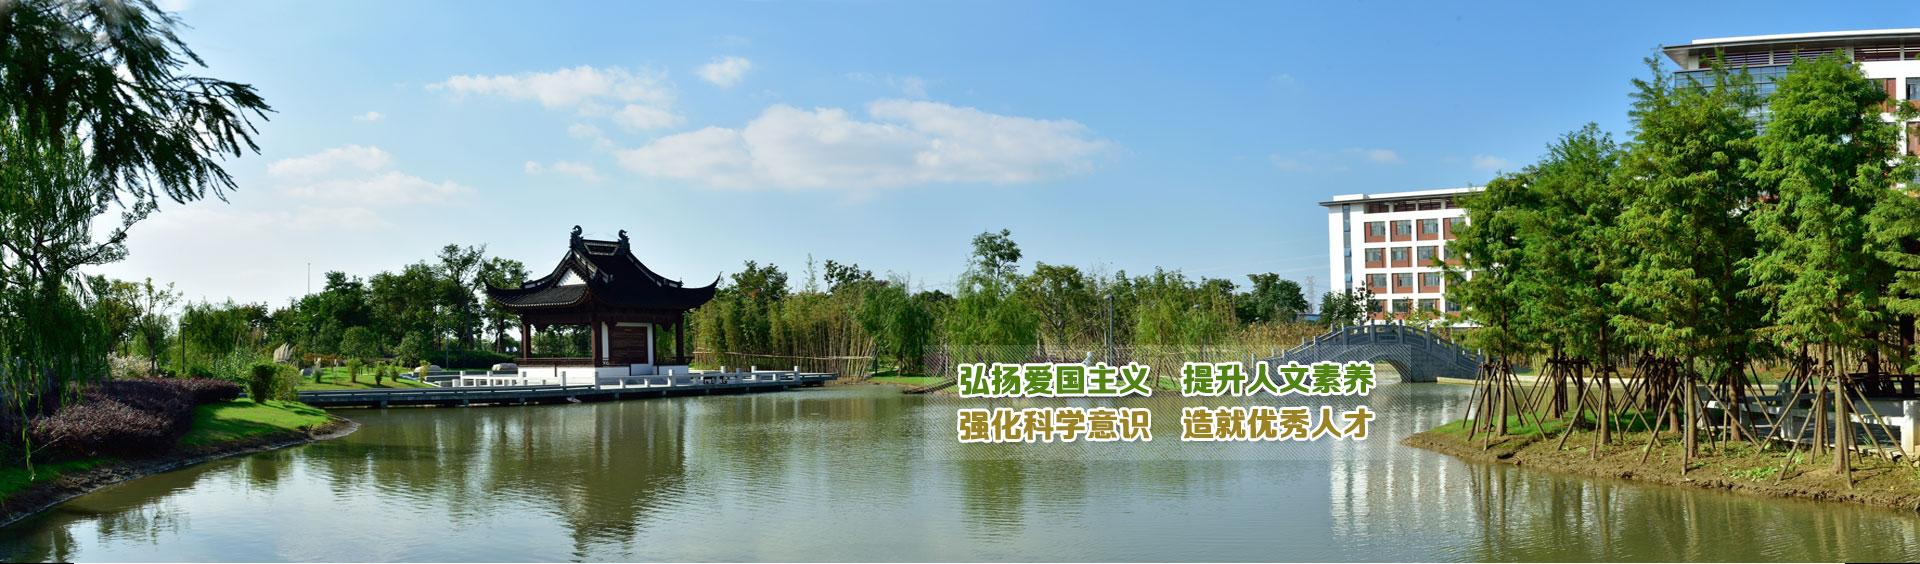 切图-banner2